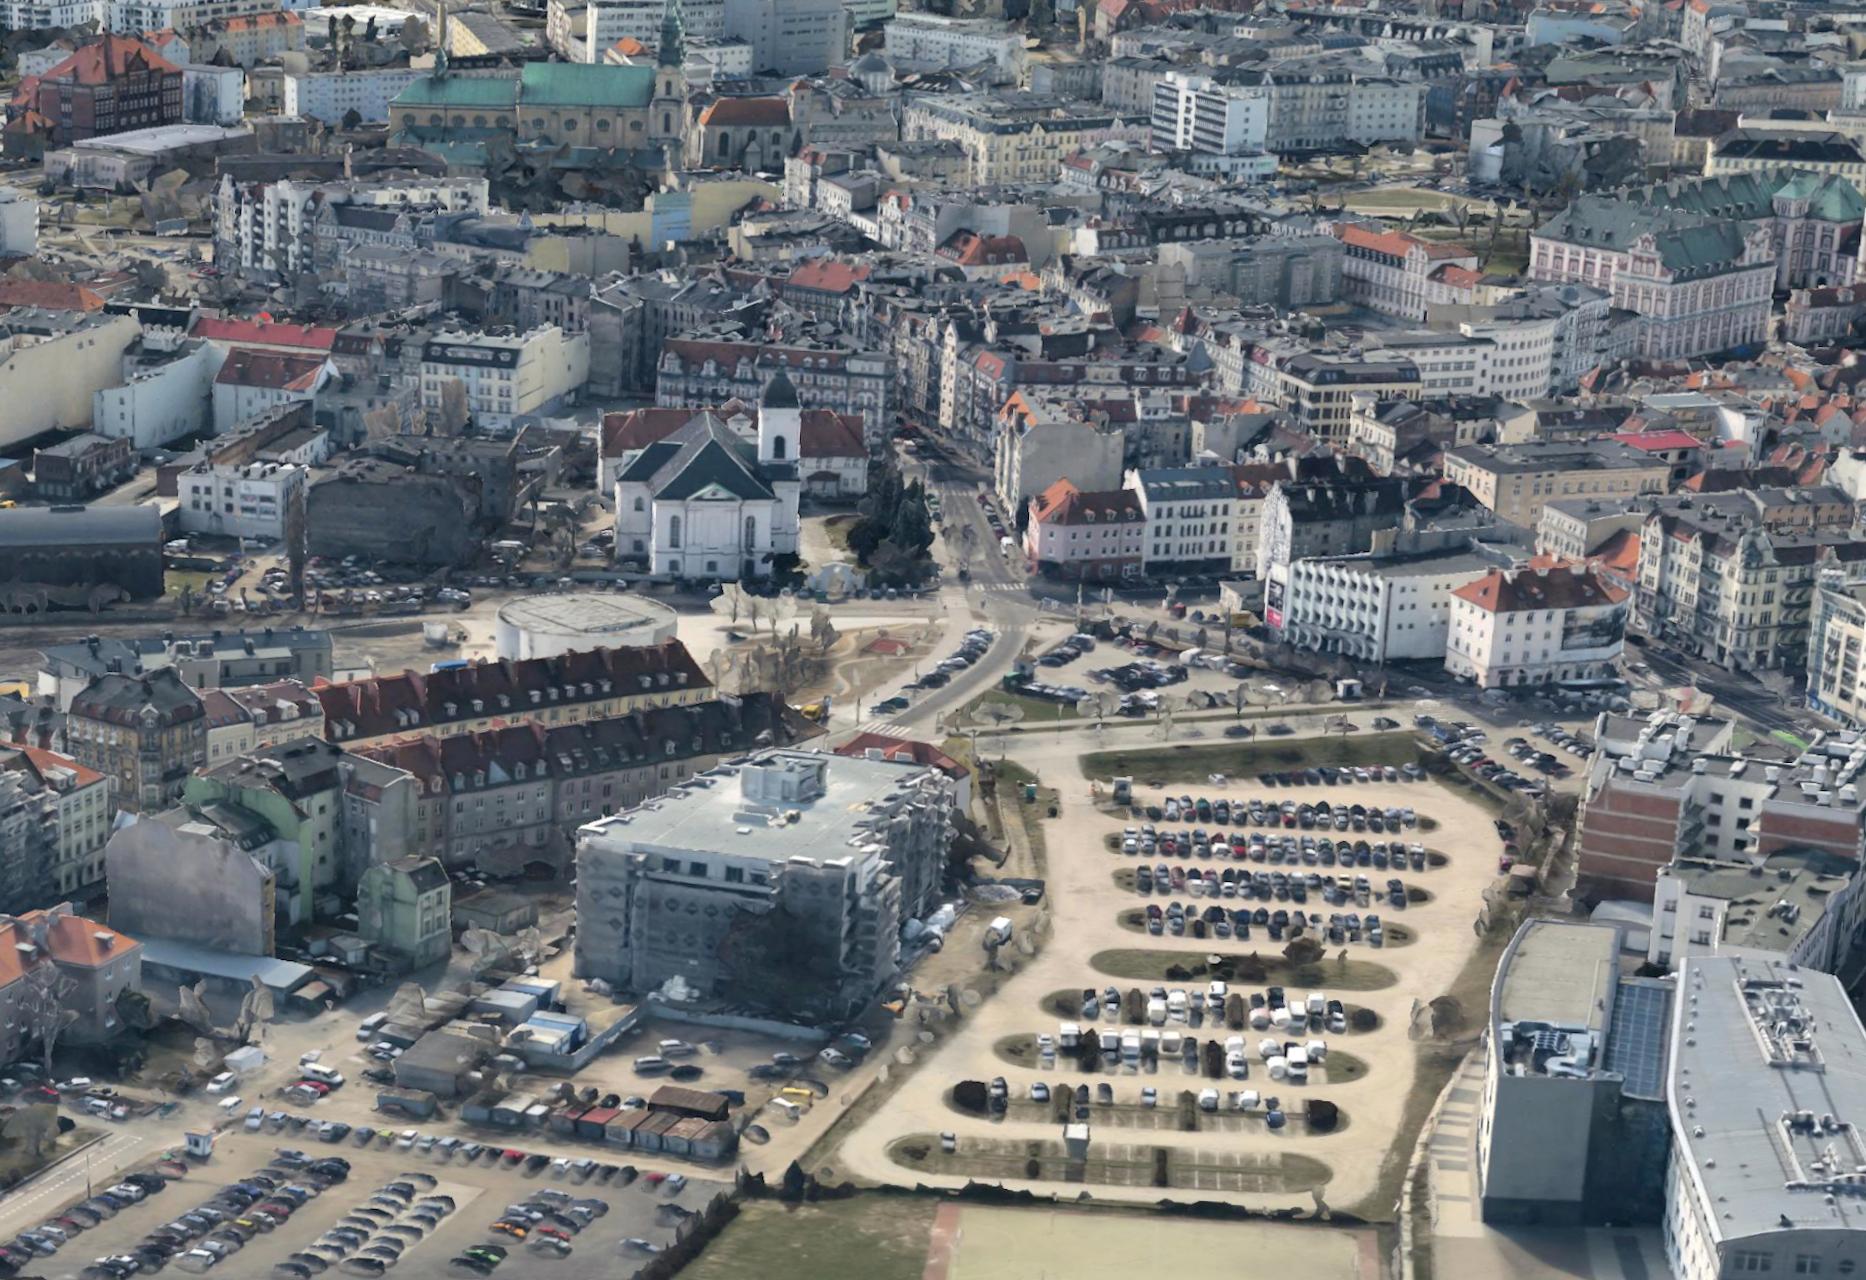 Stare koryto Warty rozdziela Chwaliszewo (z lewej) od Starego Miasta. Trójwymiarowy model Poznania, 2015. Źródło: Google Earth